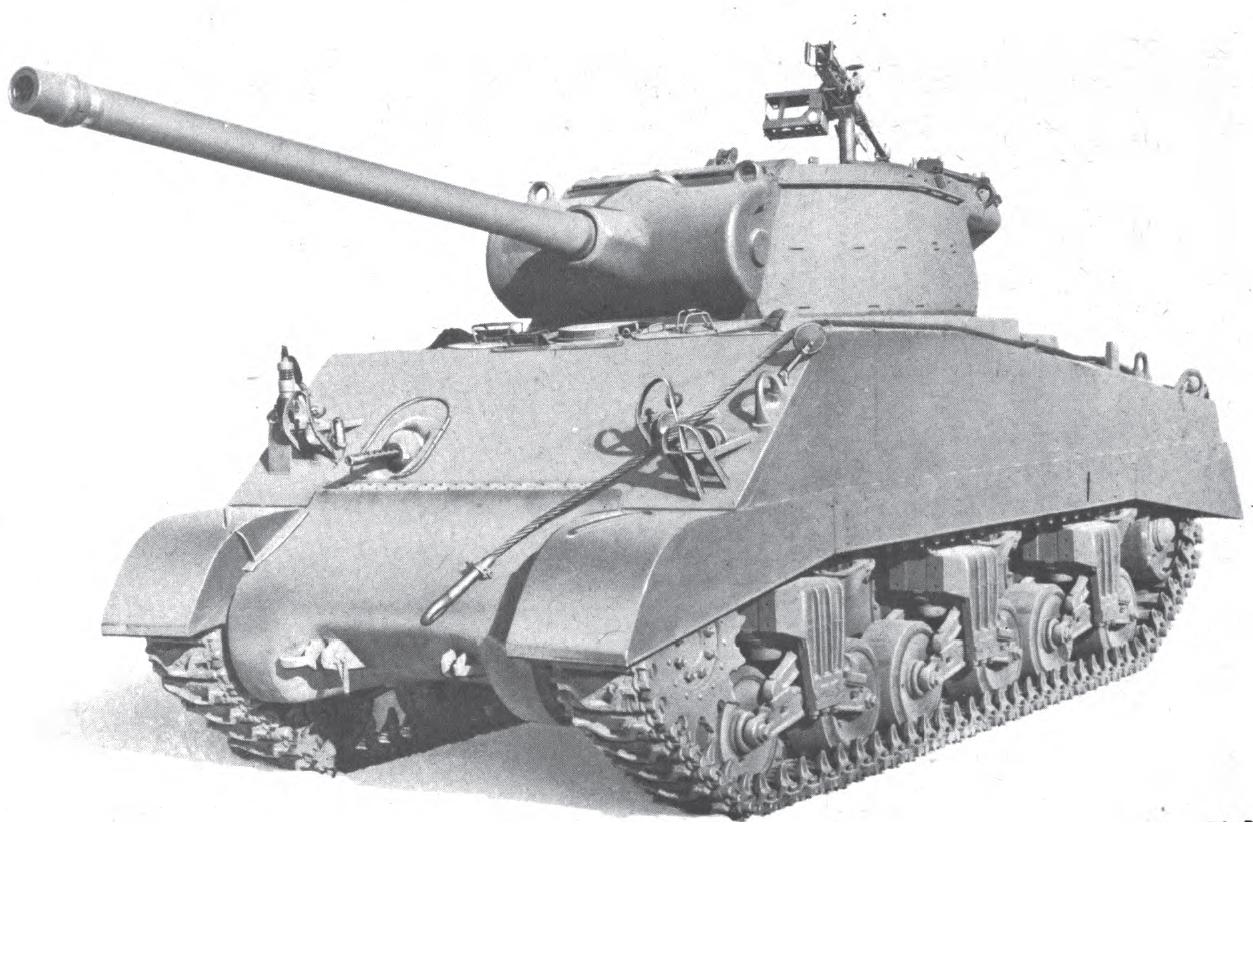 M36B1